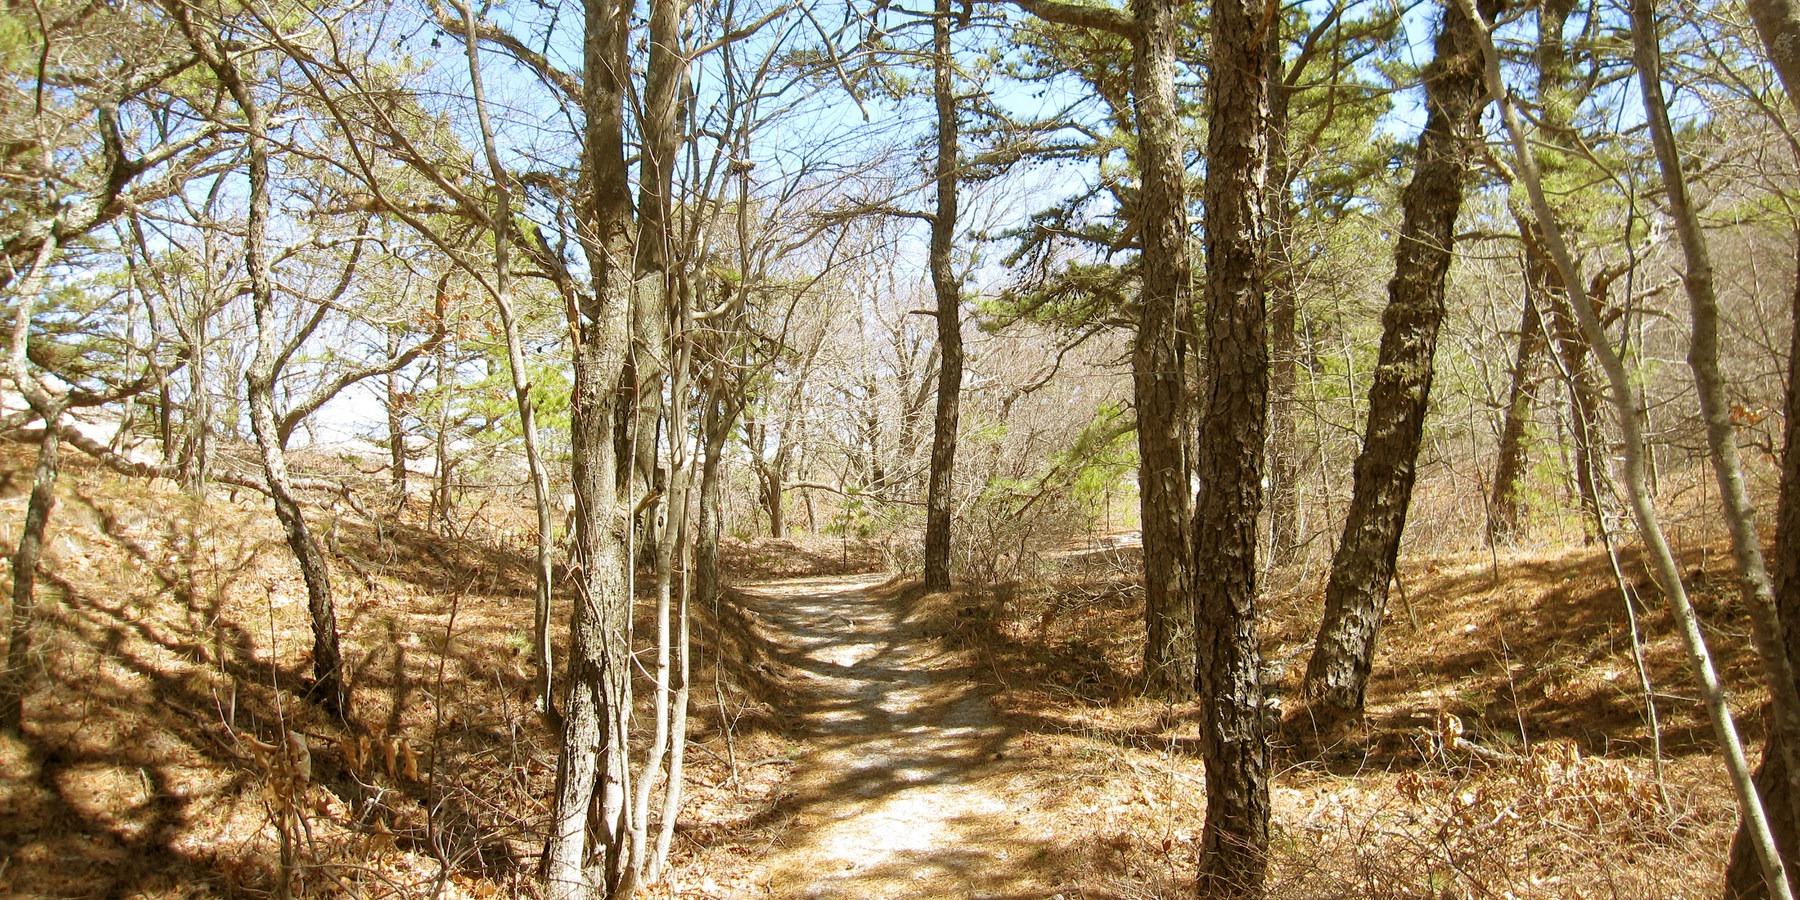 Green Trail Pine Forest Crane Beach Wildlife Refuge